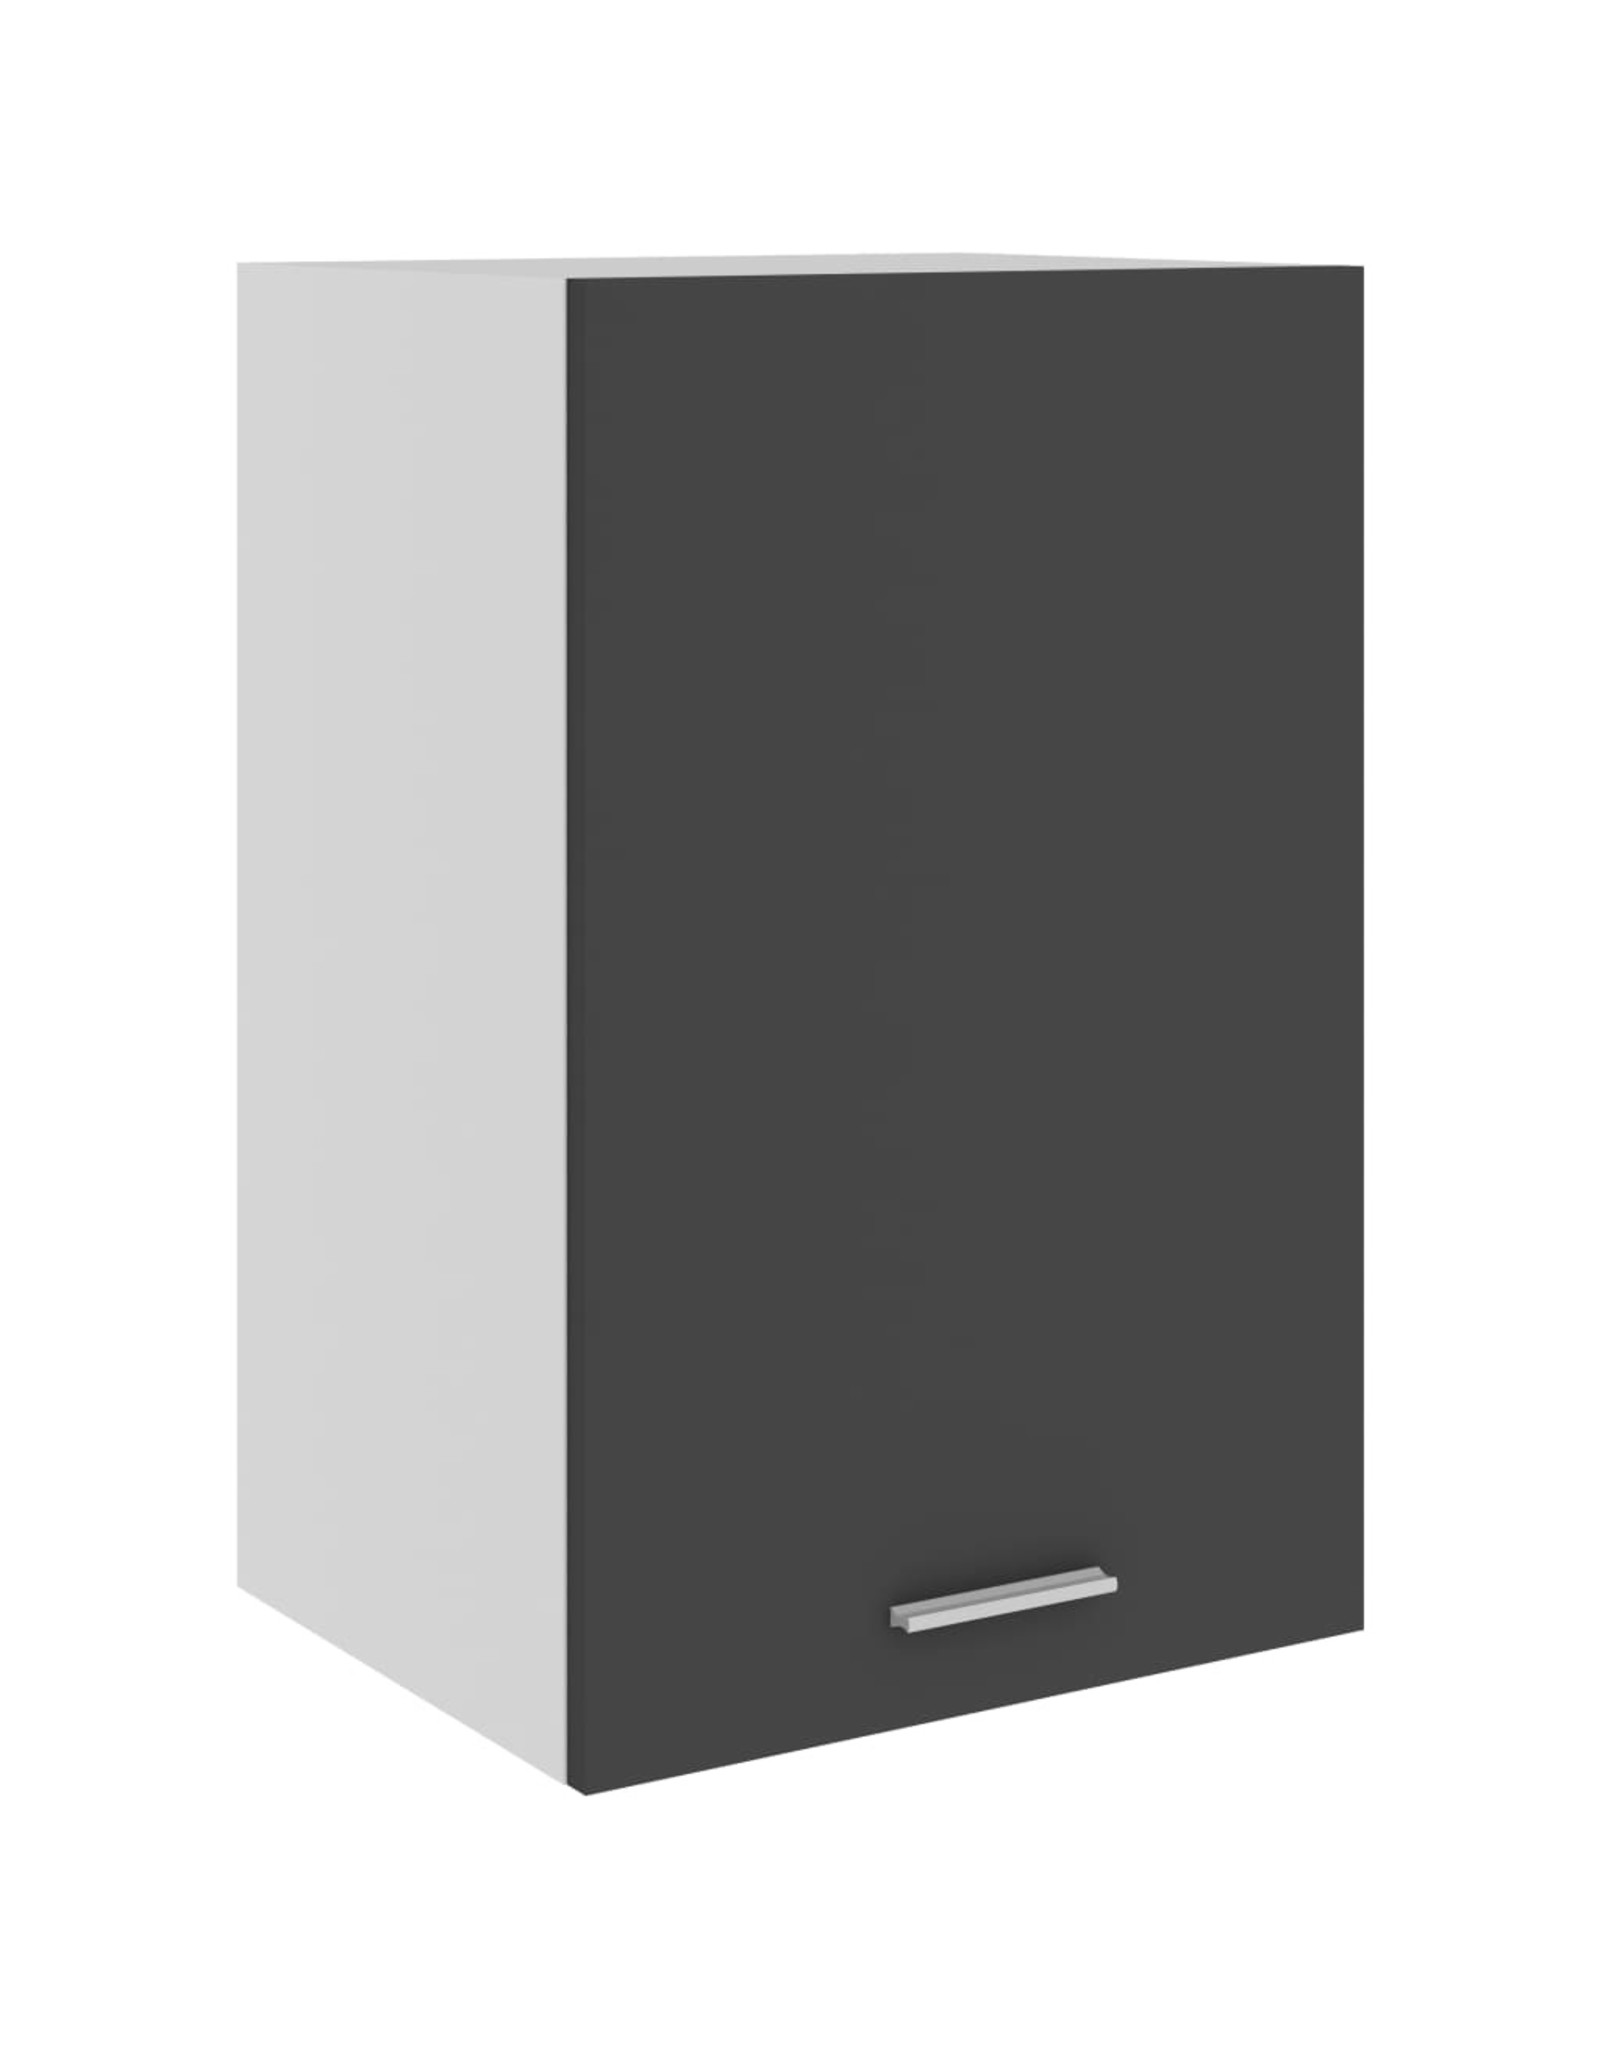 Hangkast 39,5x31x60 cm spaanplaat grijs